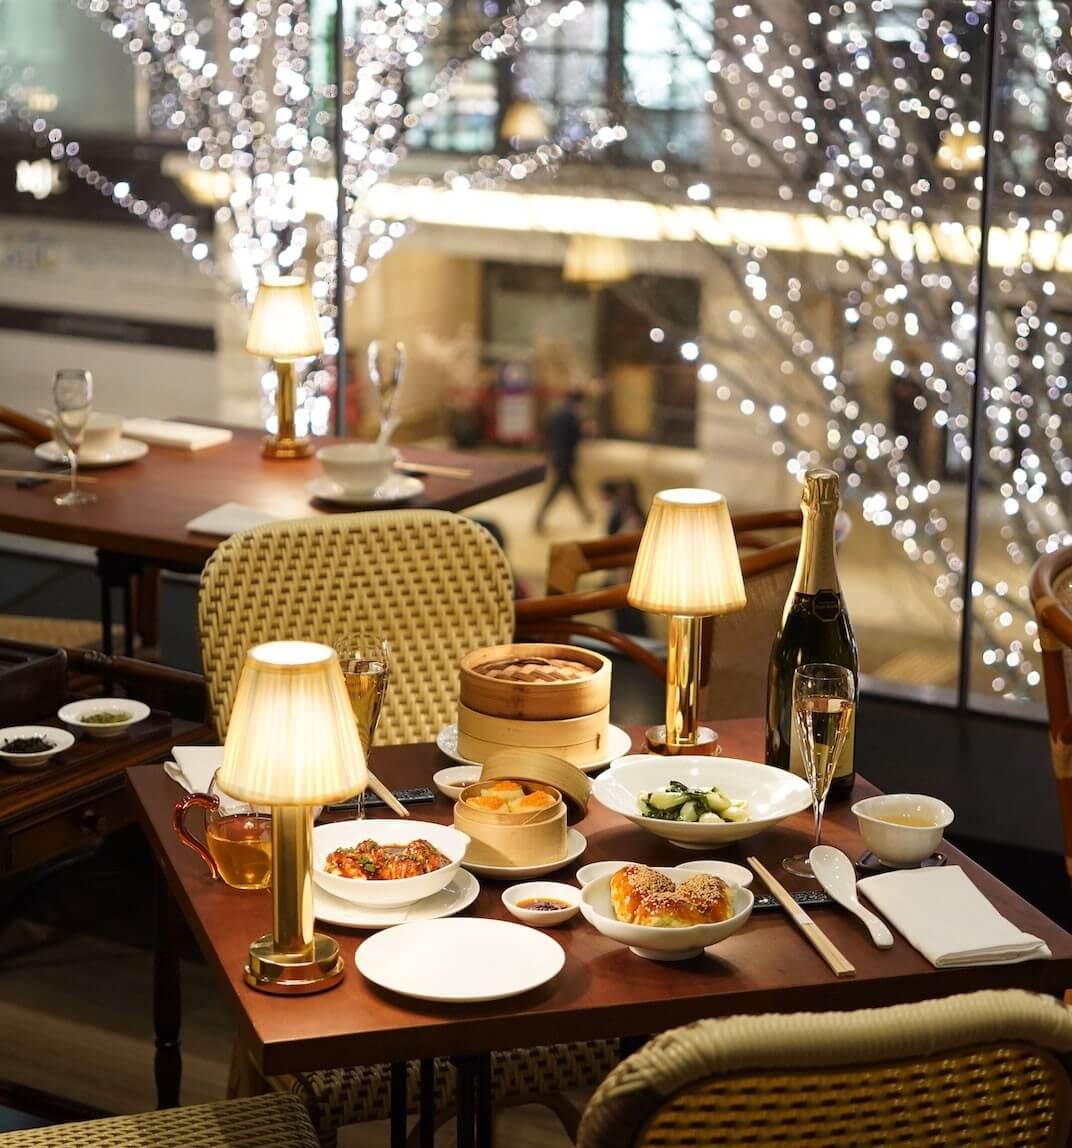 Ánh sáng từ những chiếc đèn bàn làm cho không gian dùng bữa, thư giãn của con người thêm lãng mạn, ấm áp